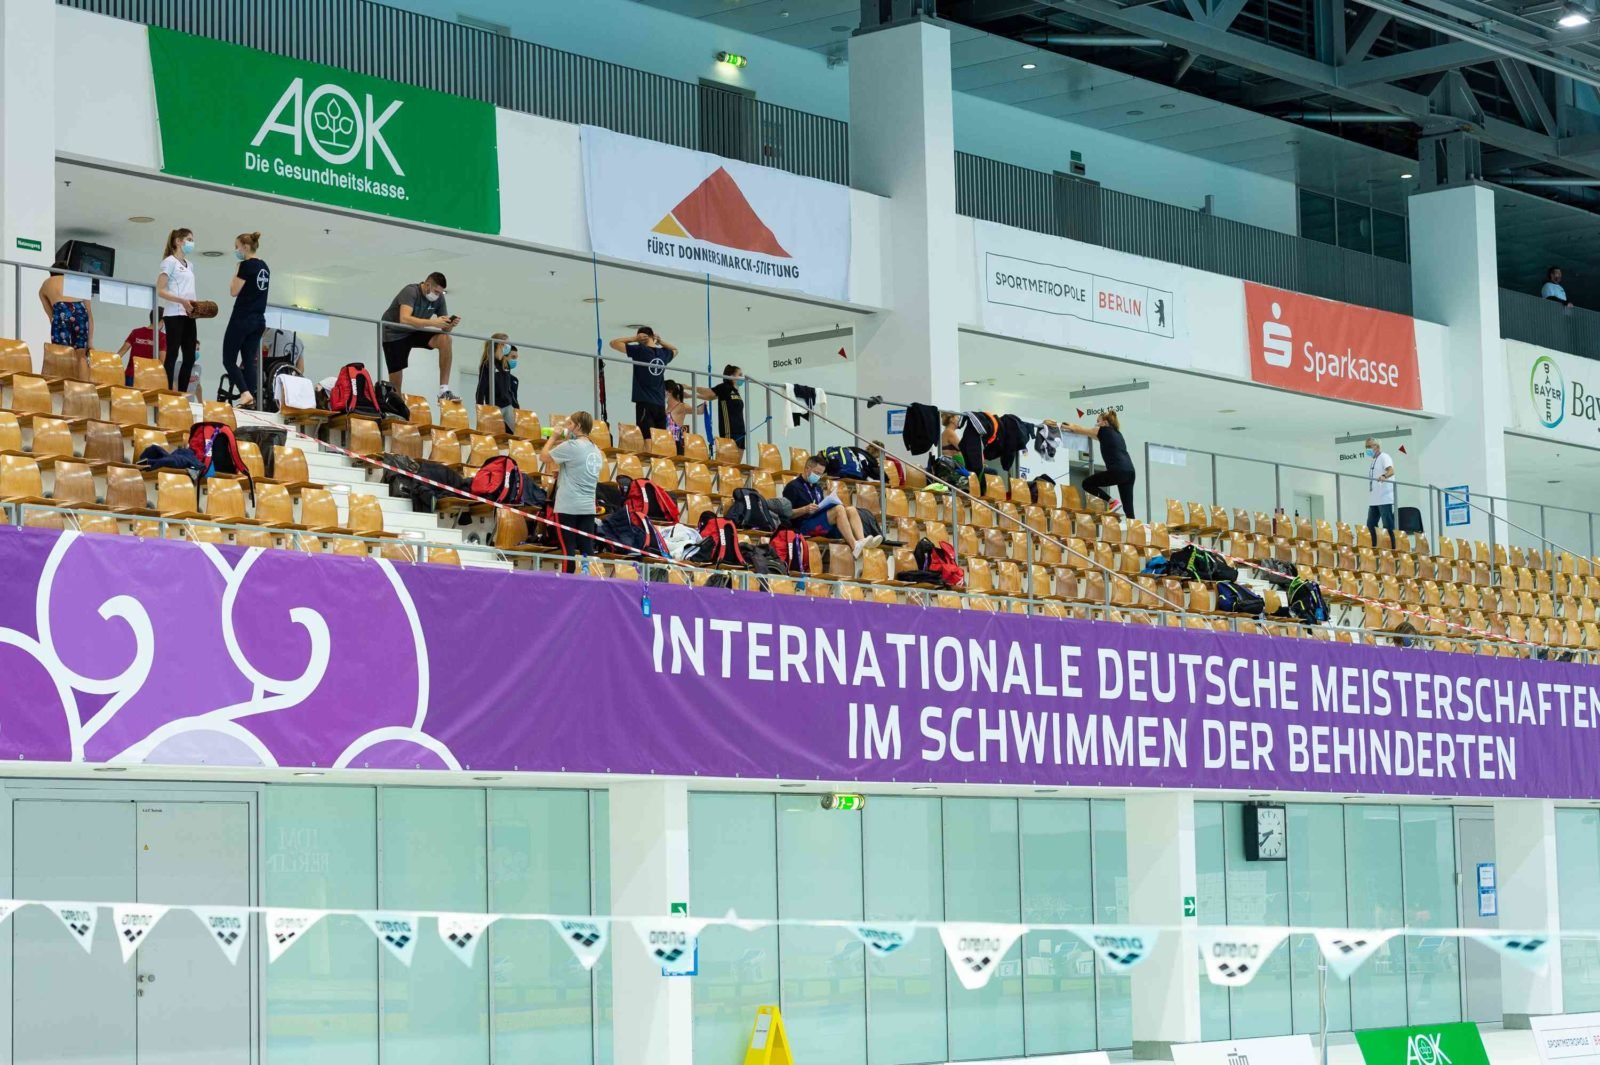 Die Tribüne der IDM 2020. Wenige Personen sind zu sehen, alle tragen Mundschutz. Im oberen Teil des Bildes sieht man das Logoder Fürst Donnersmarck-Stiftung